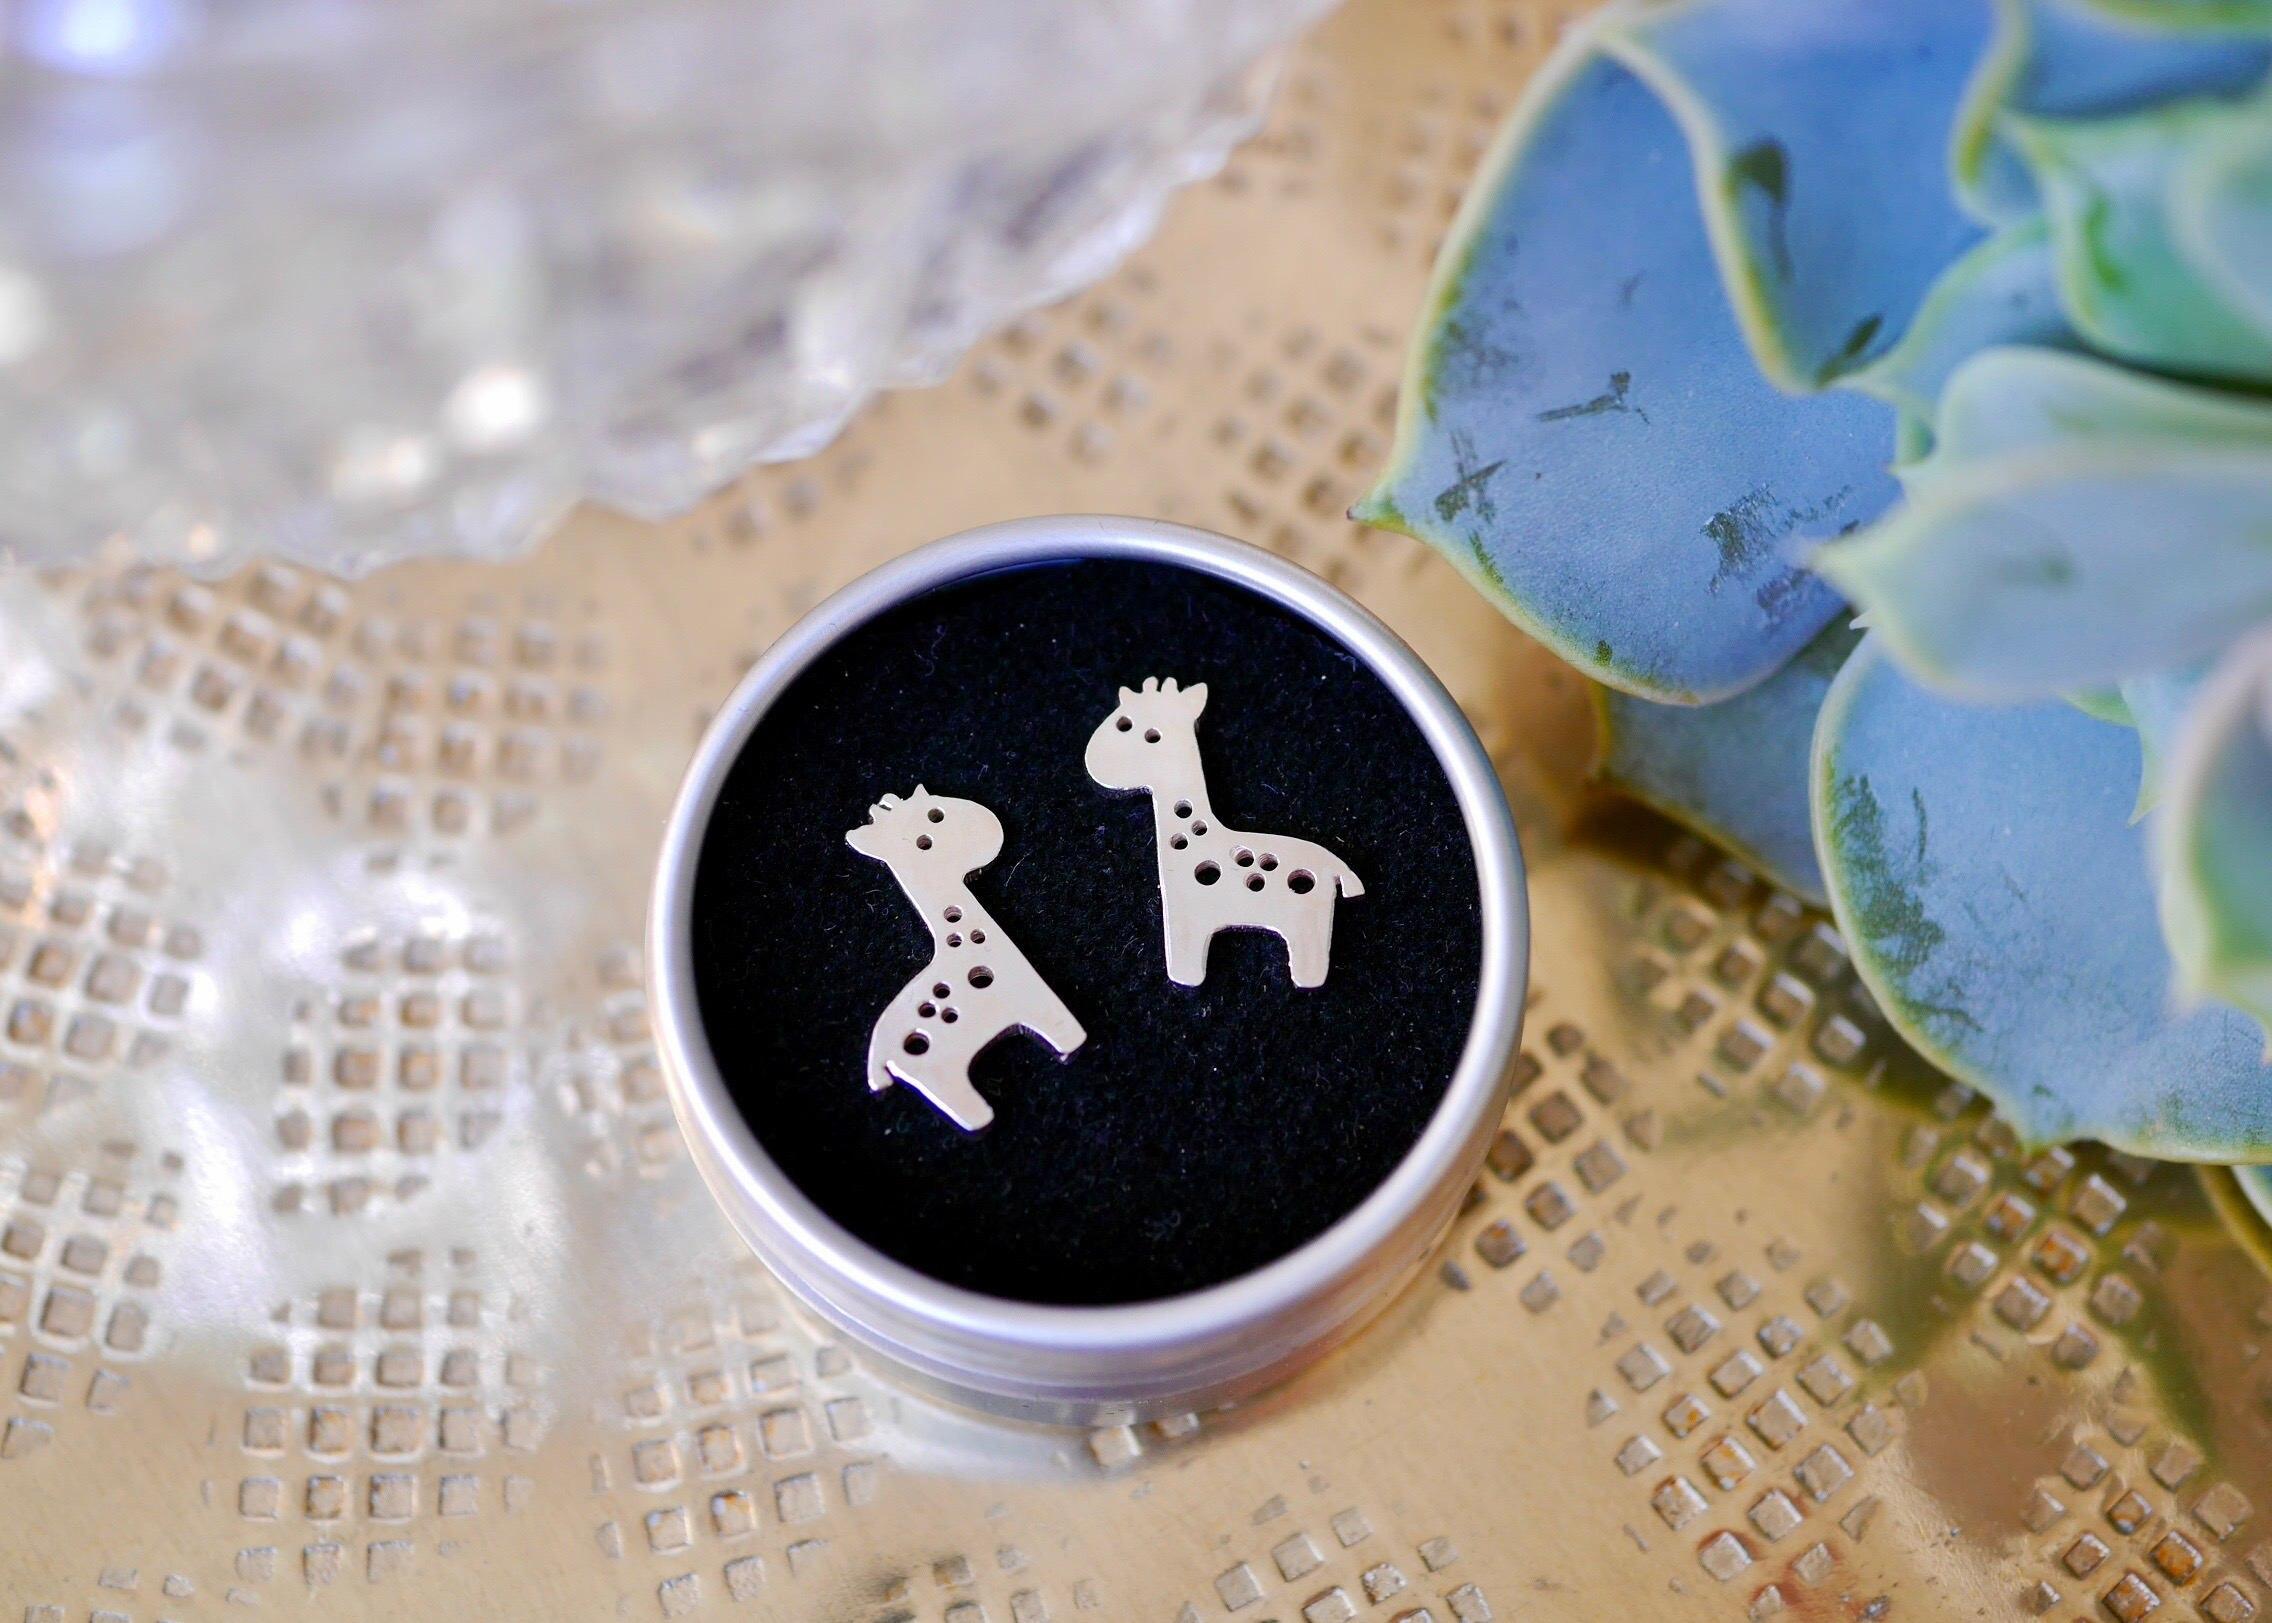 Giraffe Stud Earrings Cartoon Earring Animal Jewelry Best Gift for Woman Girls Kids Accessories